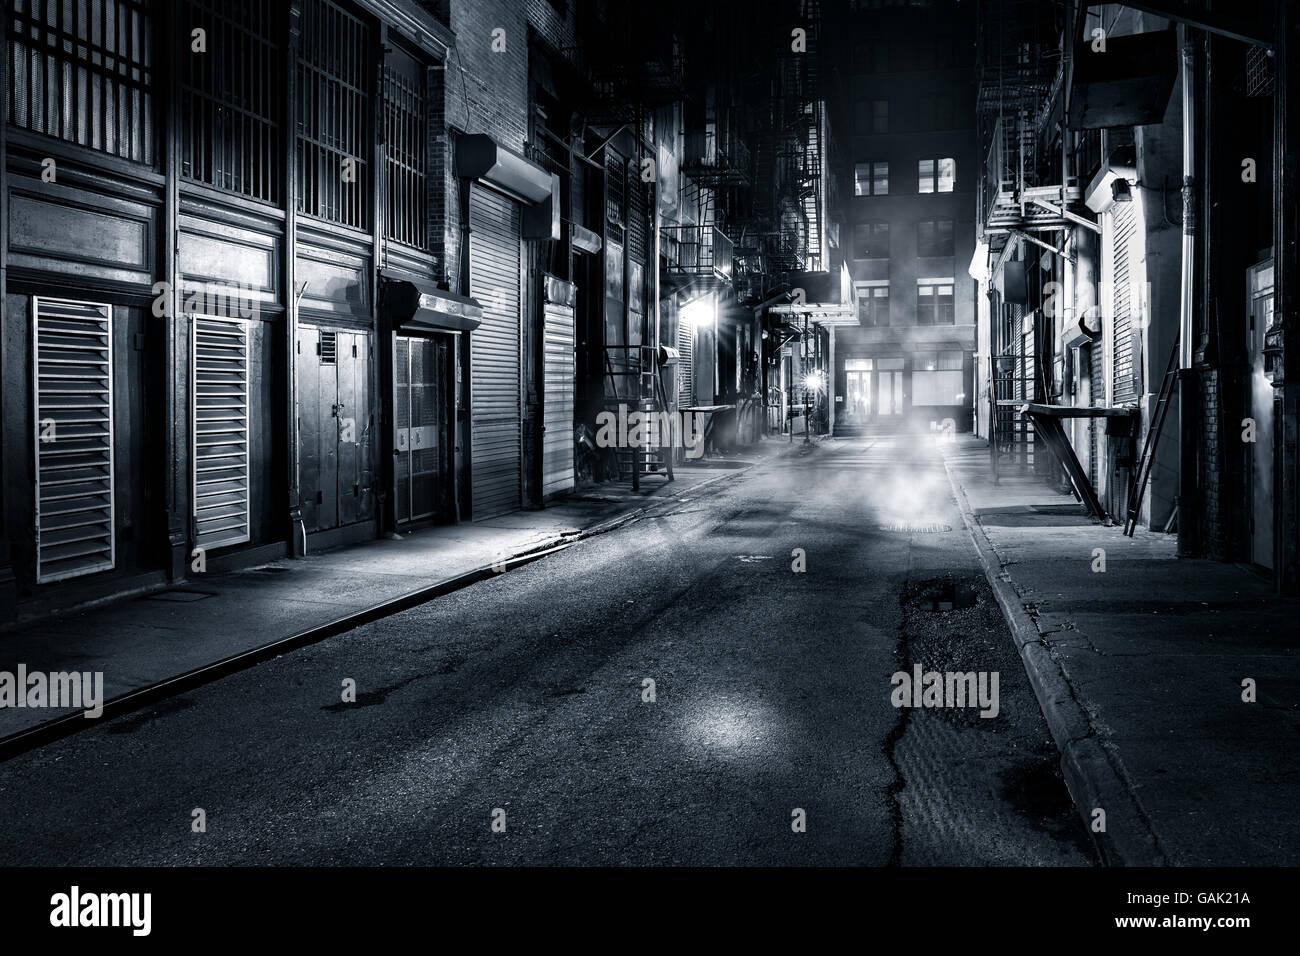 Moody visualizzazione monocromatica di Cortlandt Alley di notte, nella Chinatown di New York City Immagini Stock